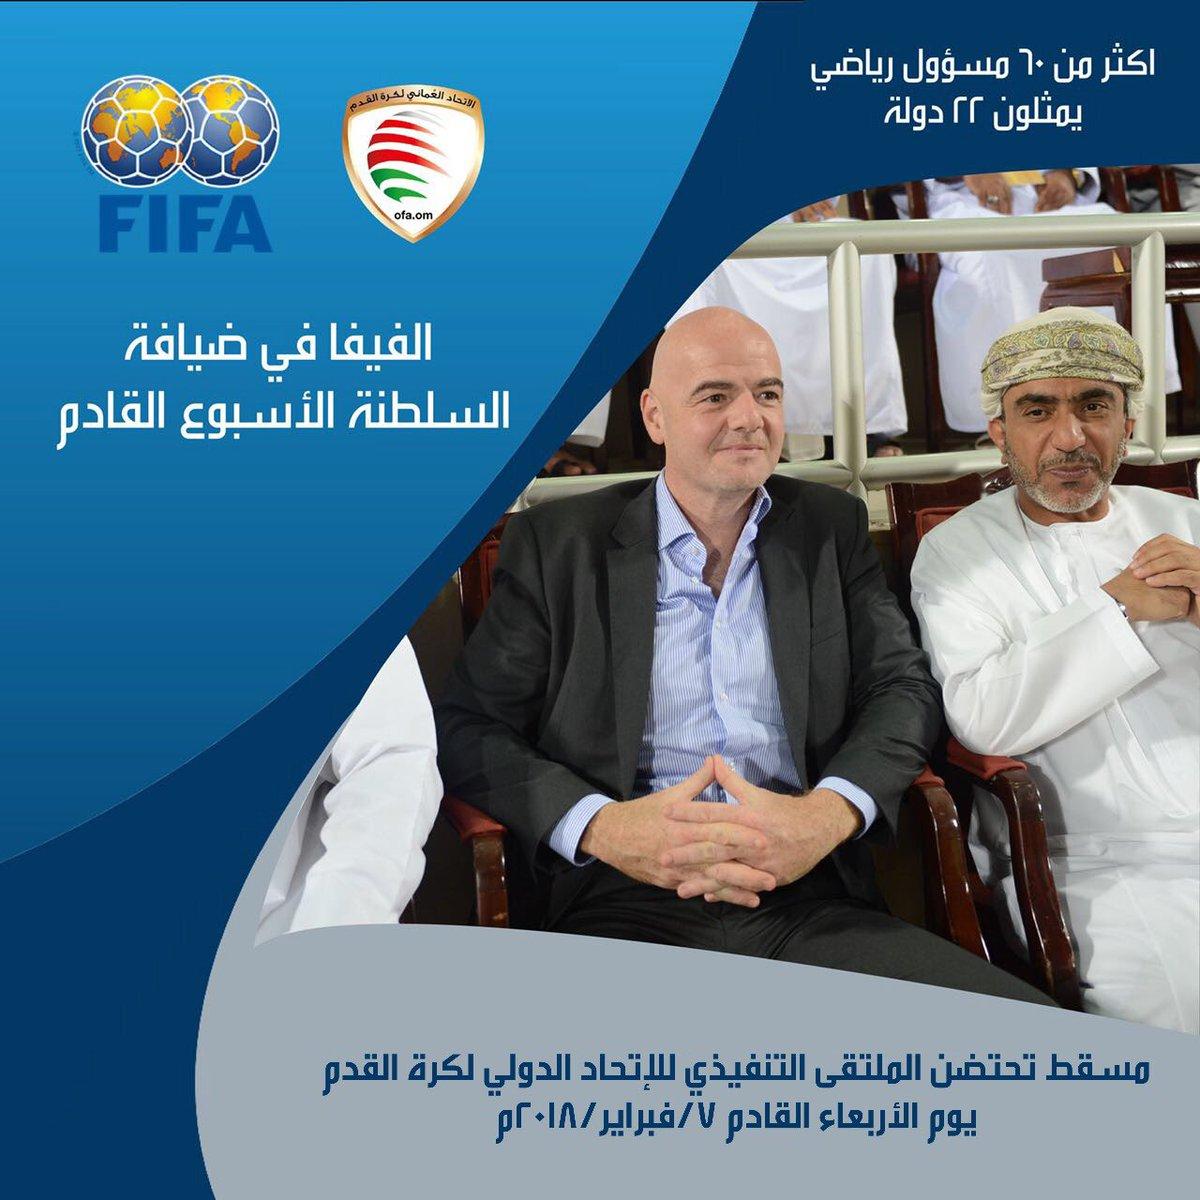 """تواصلا للنجاحات الدولية.. اتحاد الكرة يستضيف """"الفيفا"""""""